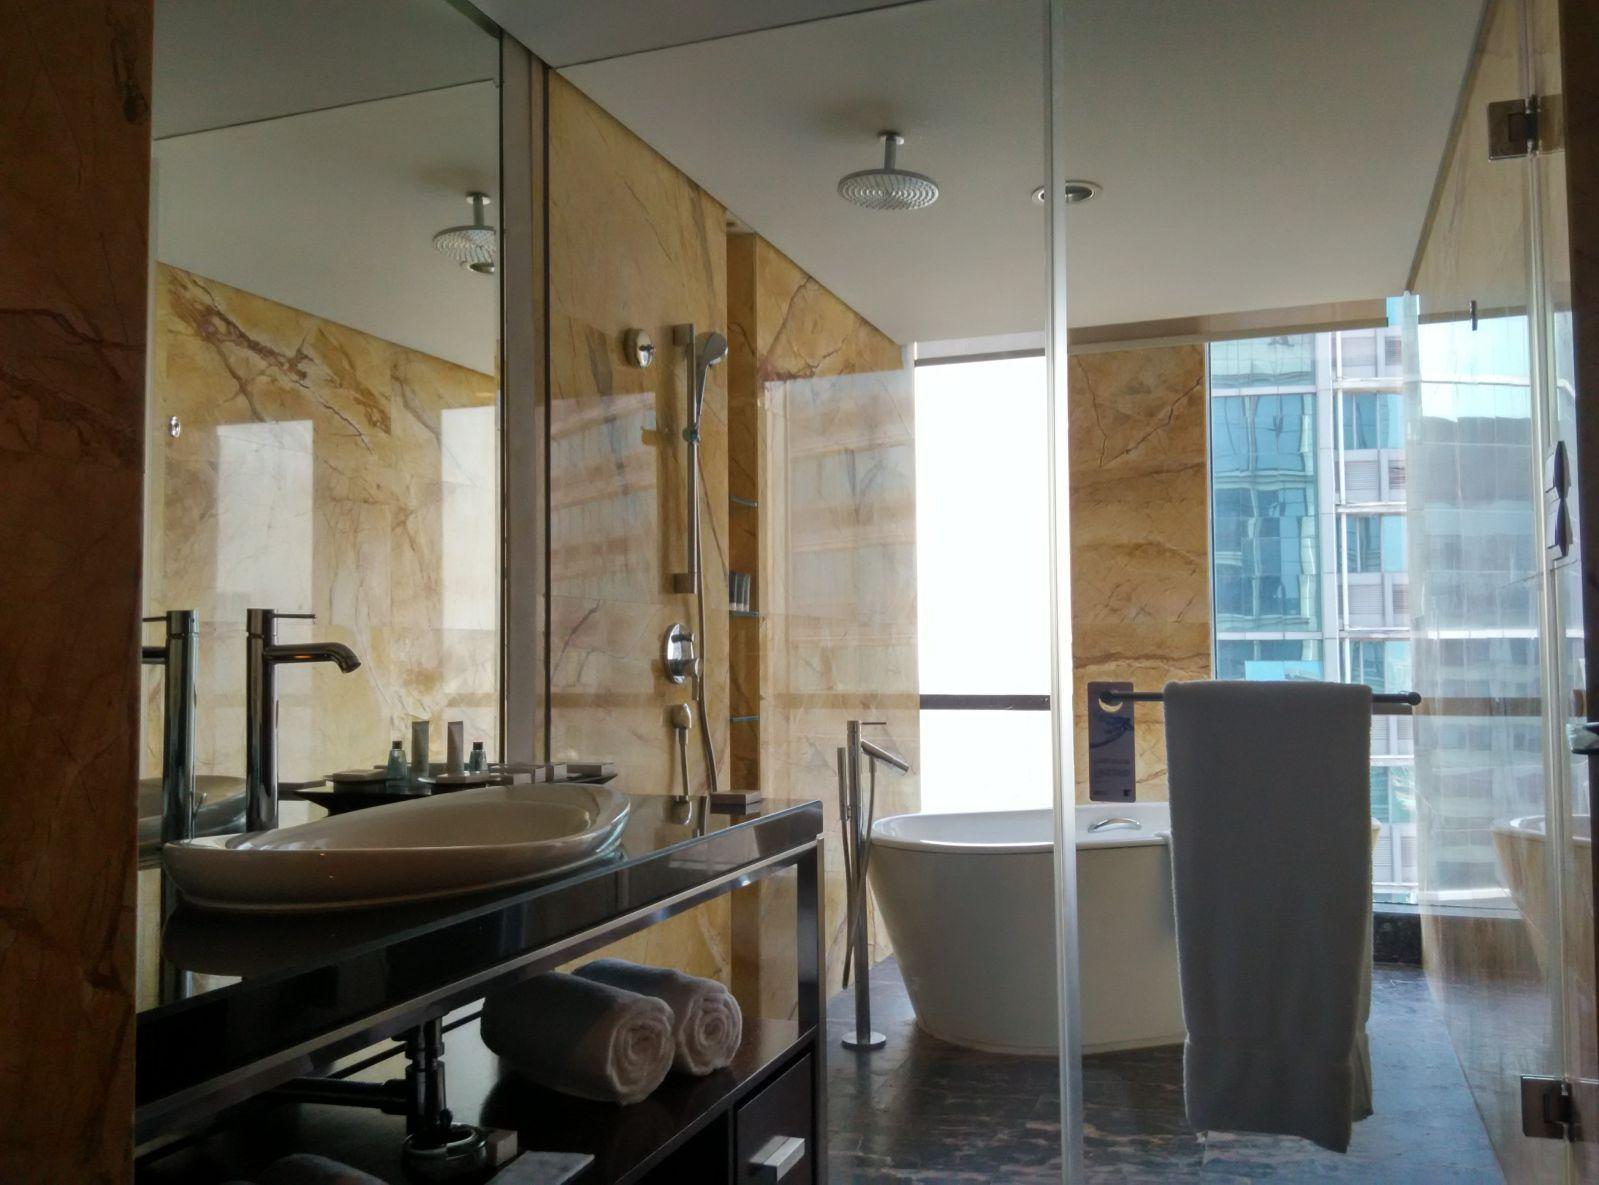 shenzhen-jw-marriott-bathroom